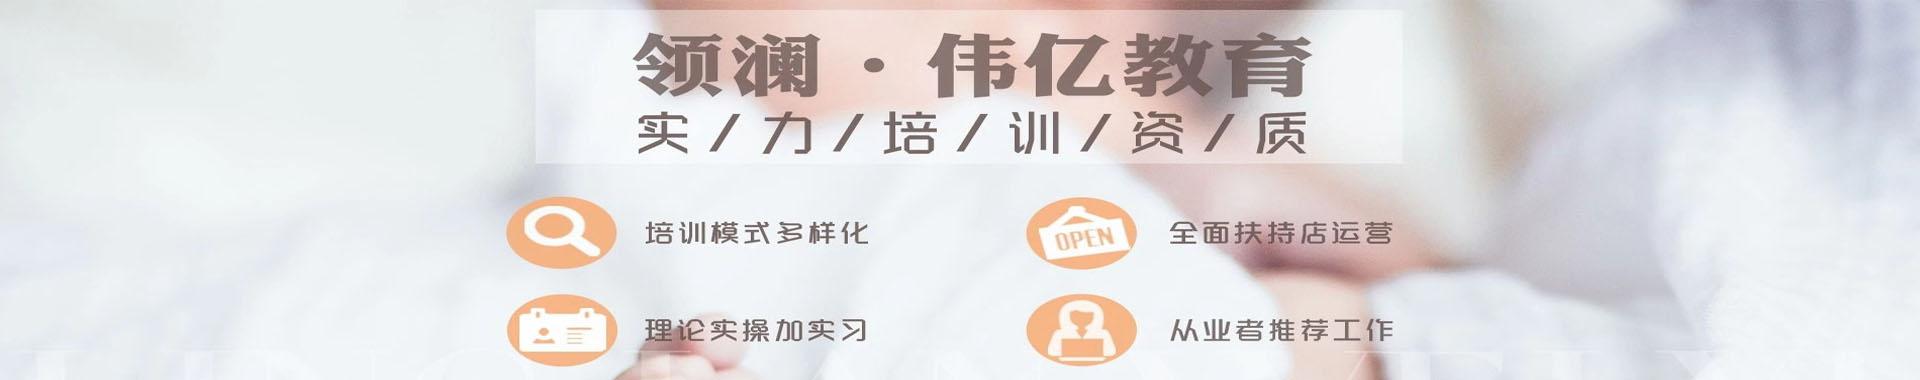 杭州领澜伟亿母婴健康职业中心